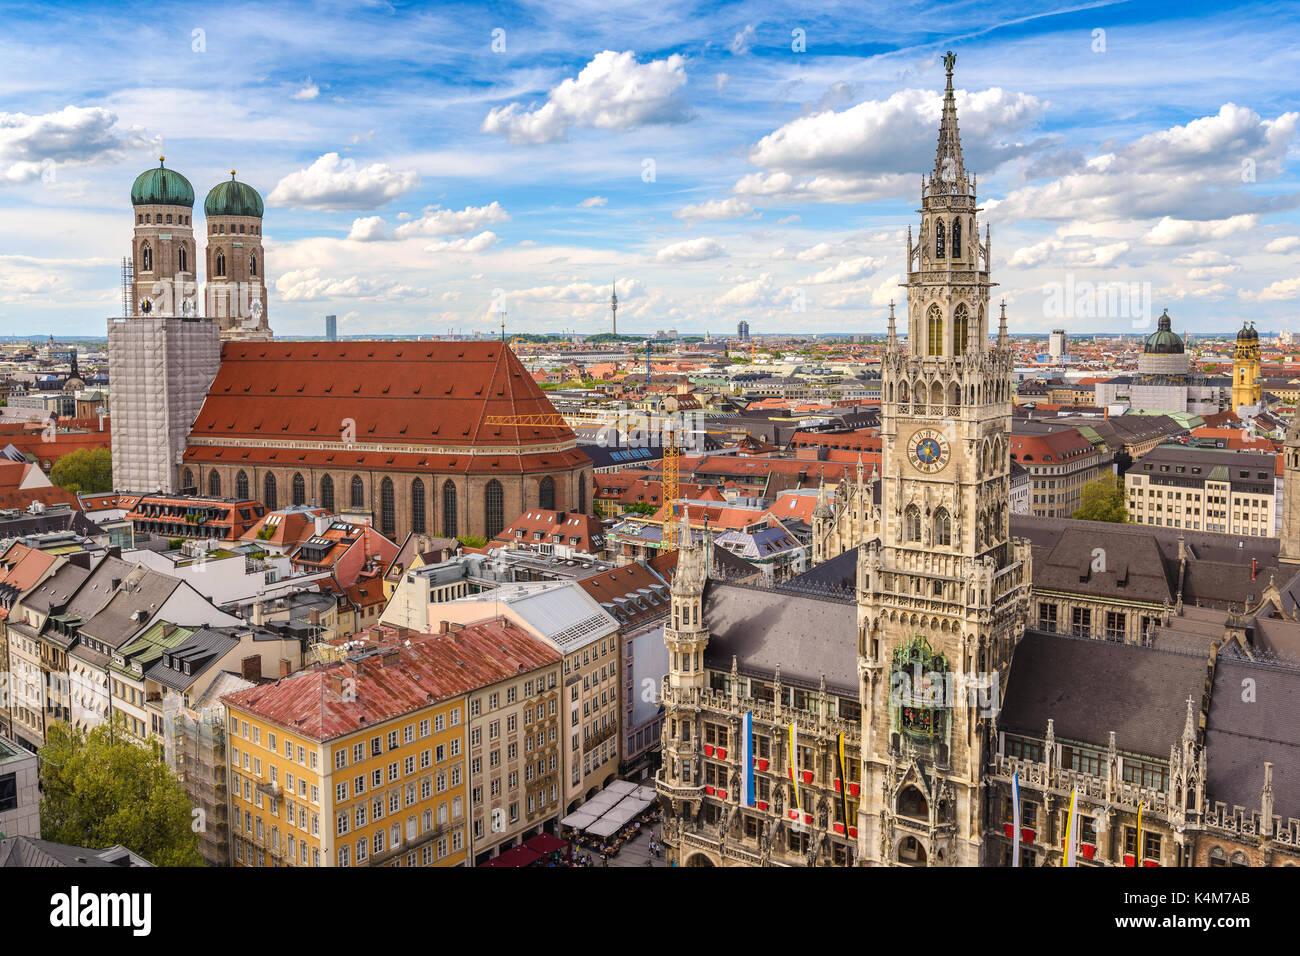 La ville de Munich au nouvel hôtel de ville de Marienplatz, Munich, Allemagne Photo Stock